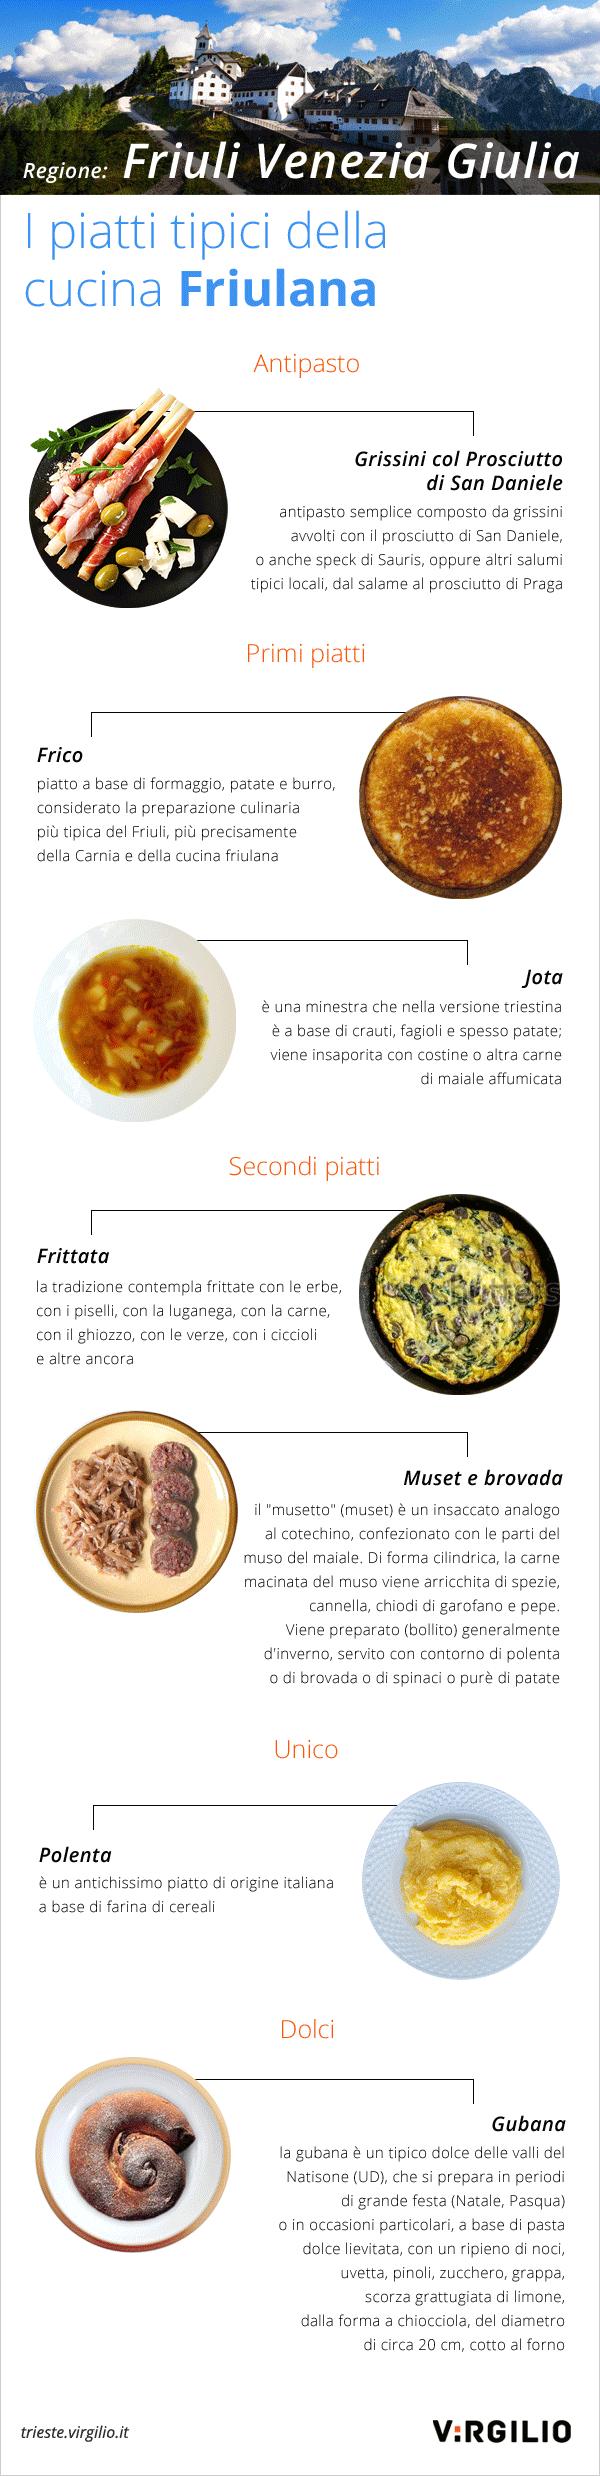 specialità della cucina friulana